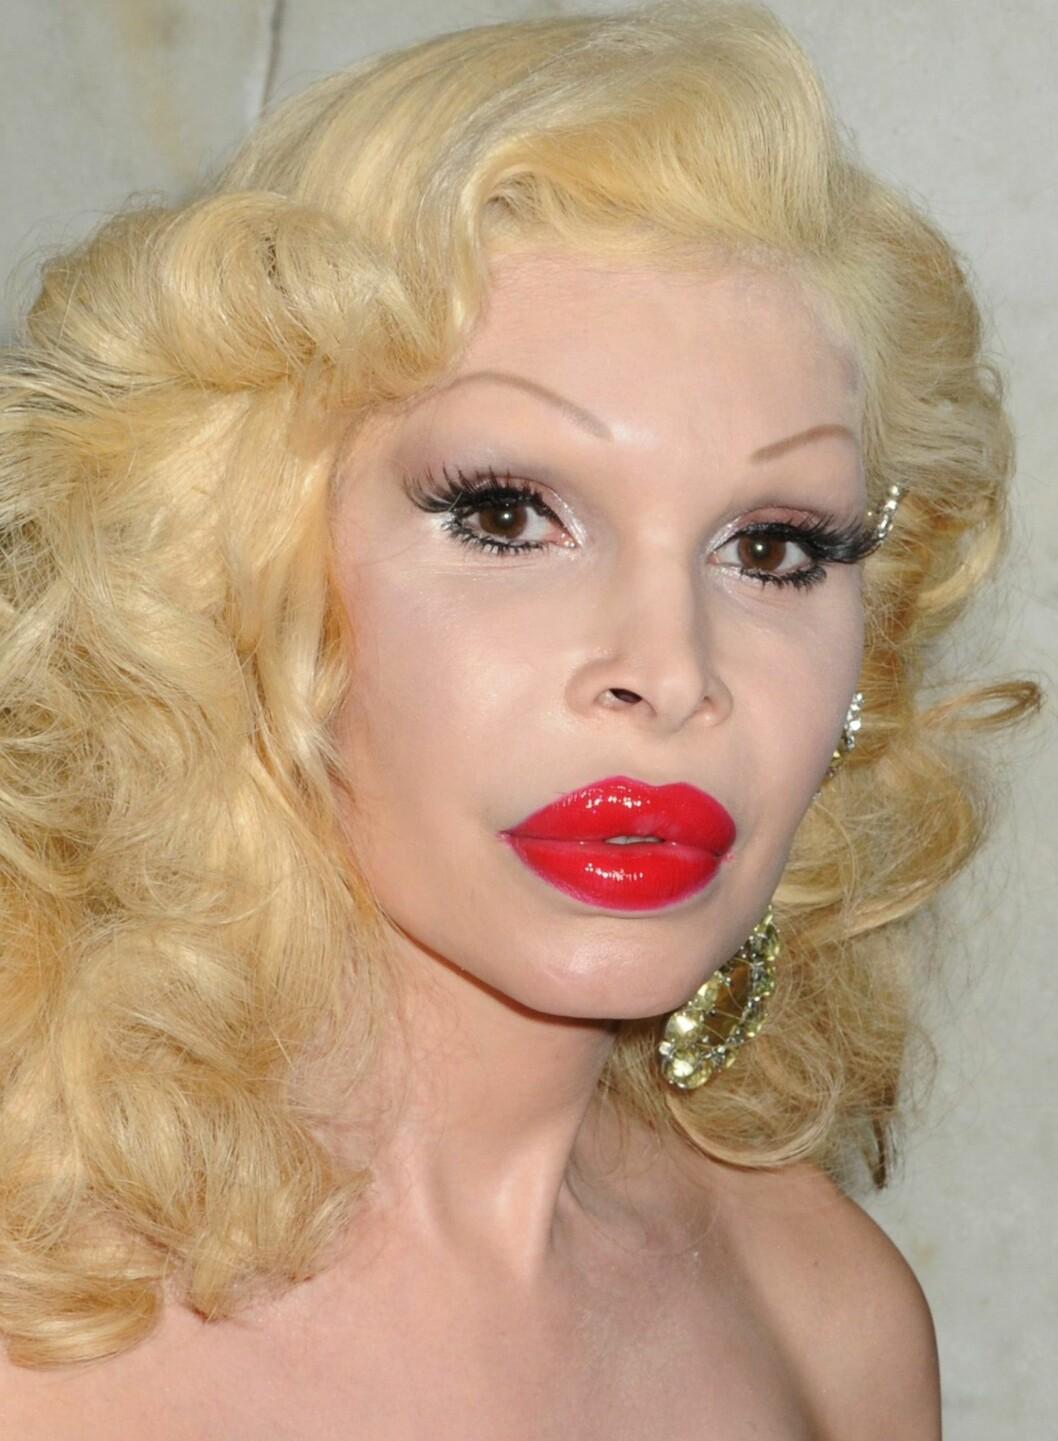 Amanda Lapore vil ikke si hvor mye penger hun har brukt på plastiske operasjoner av leppene, ei heller hvor gammel hun er. Men sikkert er det at hun i sin tid ble født som mann, og at det ikke er småpenger hun har lagt igjen på kosmetiske klinikker.  Foto: All Over Press